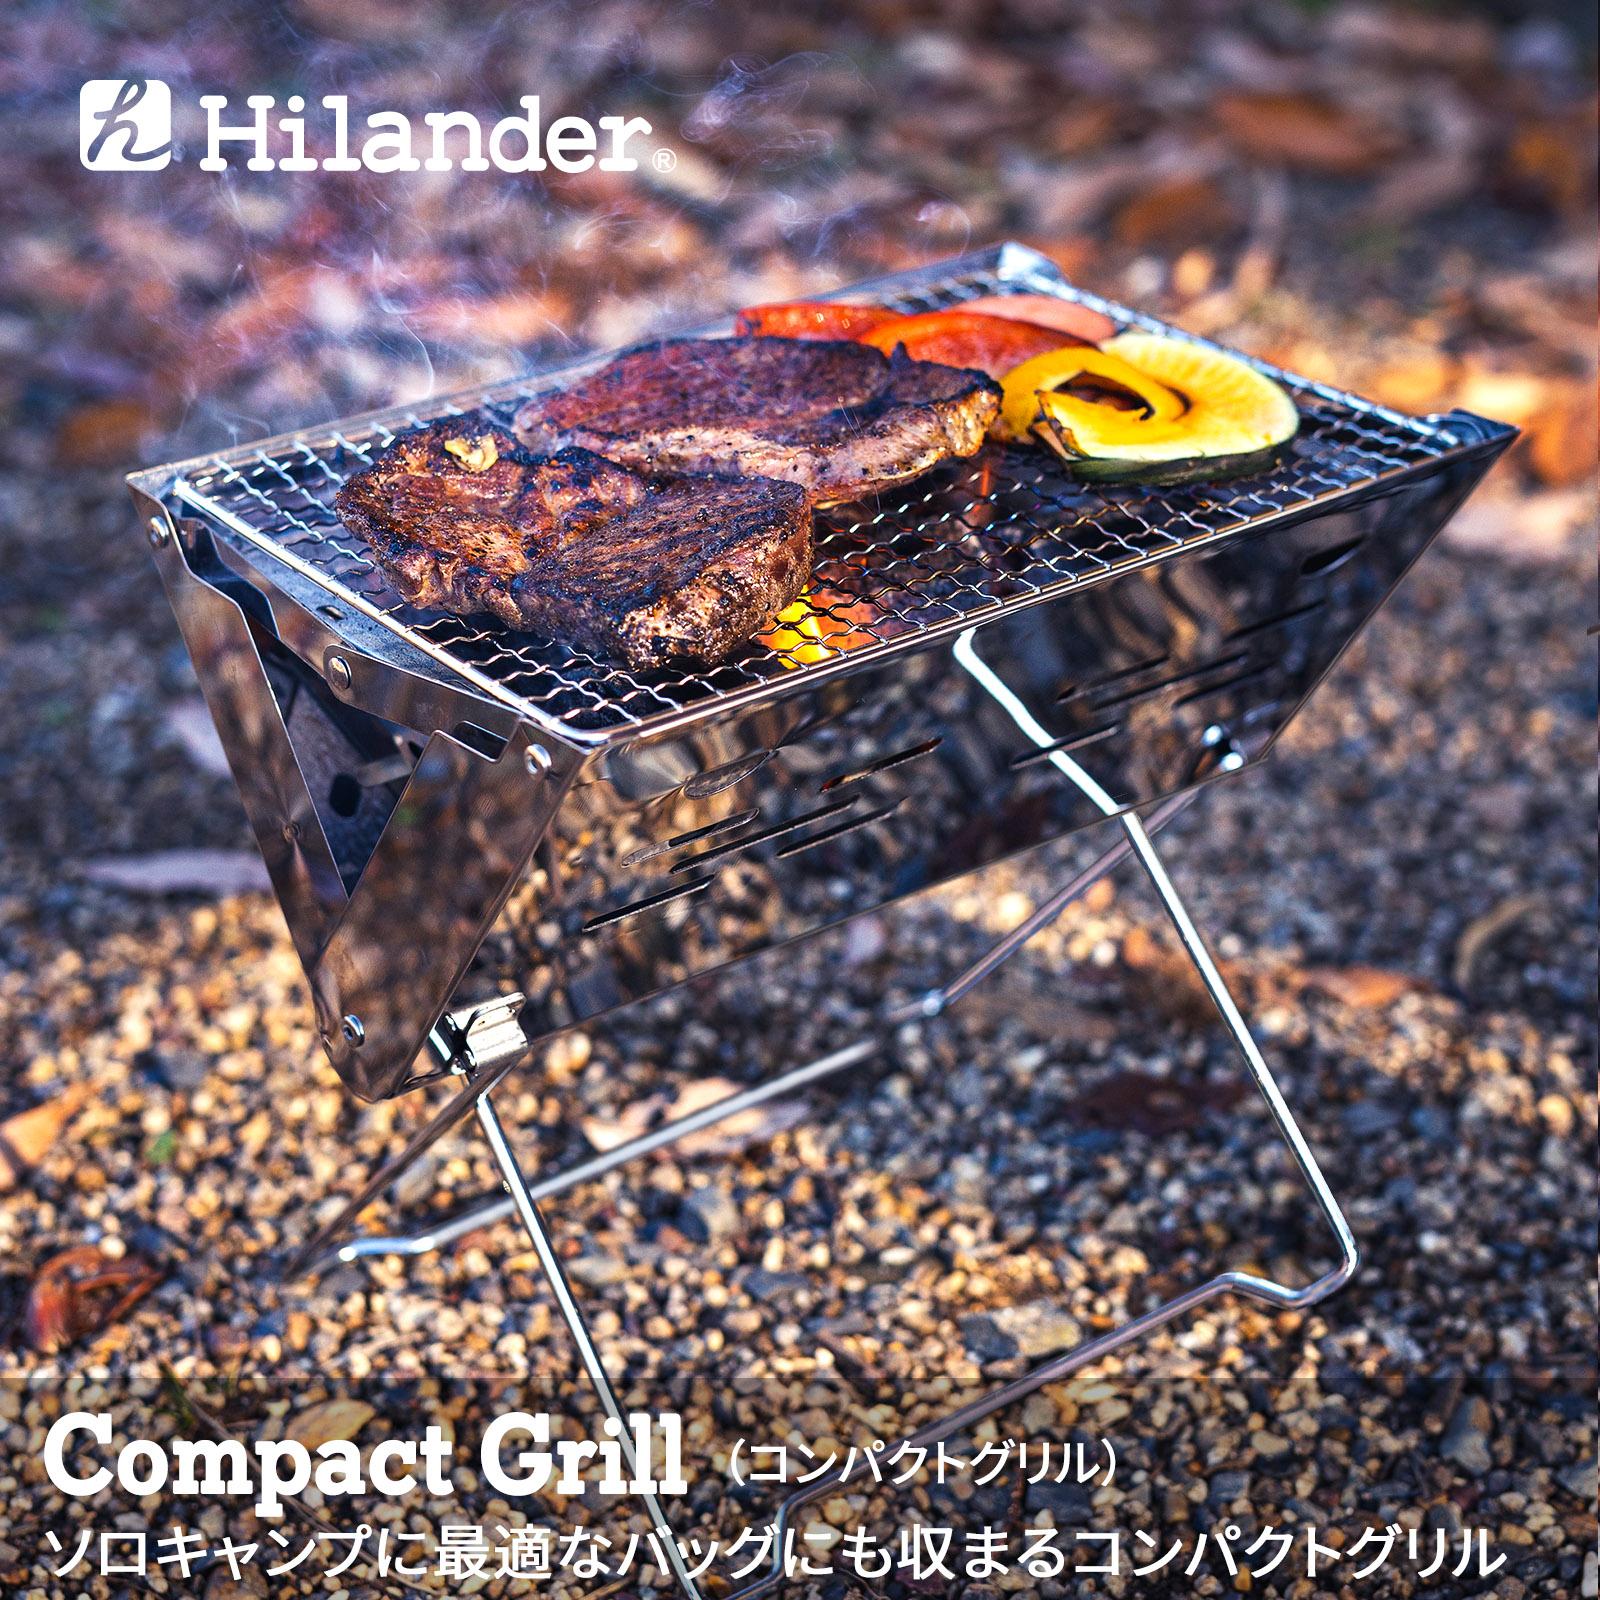 BBQ NEW売り切れる前に☆ 七輪 焚火台 感謝価格 Hilander コンパクトグリル HCA2031 ハイランダー